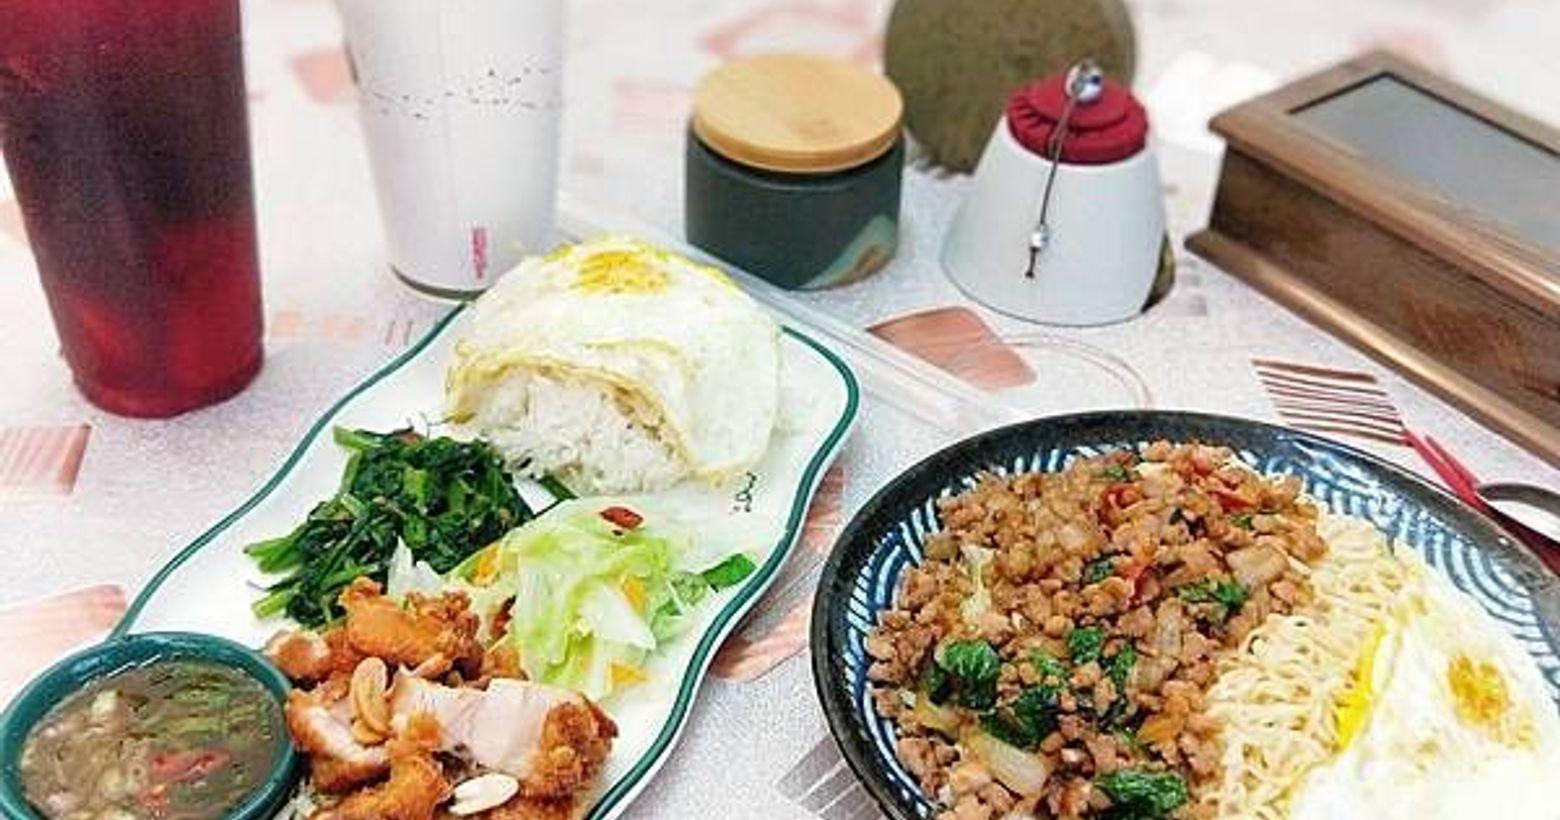 【嘉義】桃城烹茶x泰泰燴煮 – 道地代名詞,品茗嘉義文青飲,假日限定泰特餐連鎖手搖喝膩沒?比起每個縣